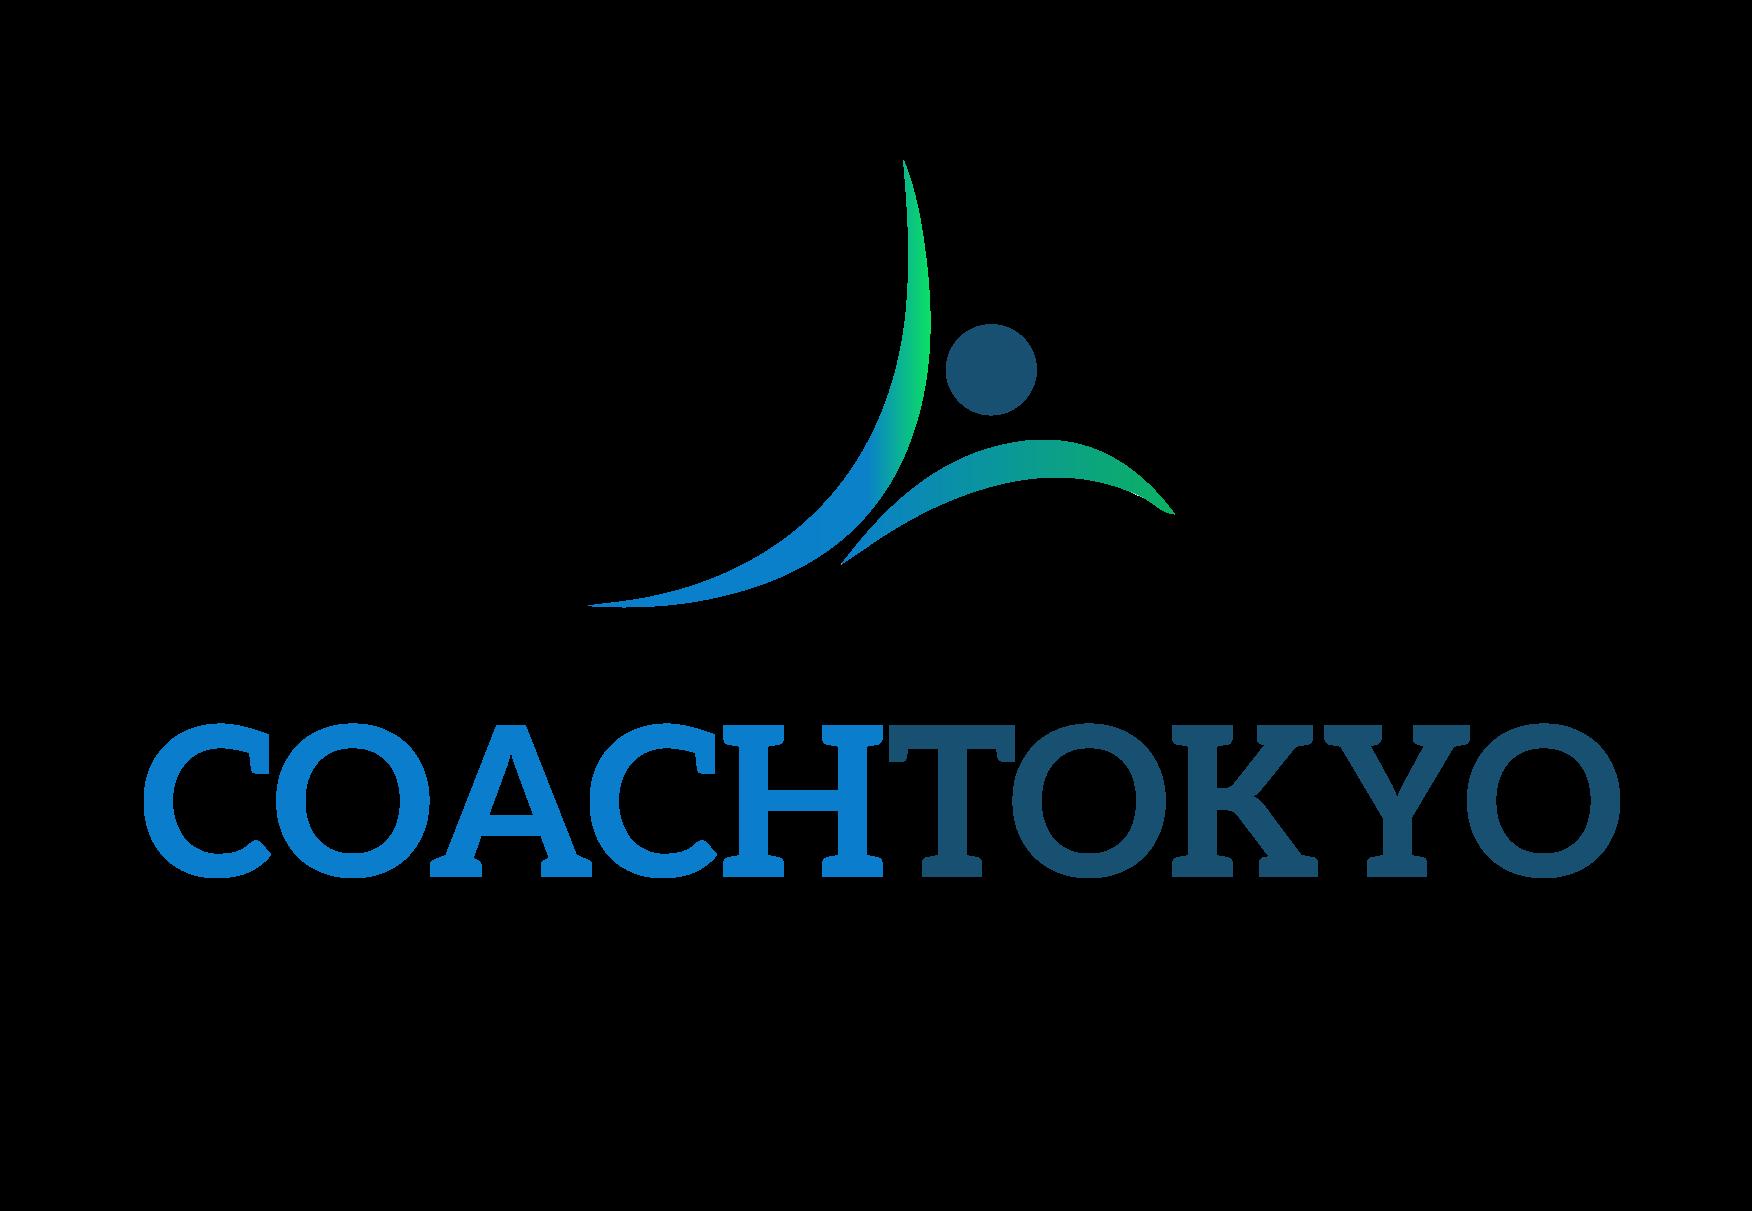 Coach Tokyo